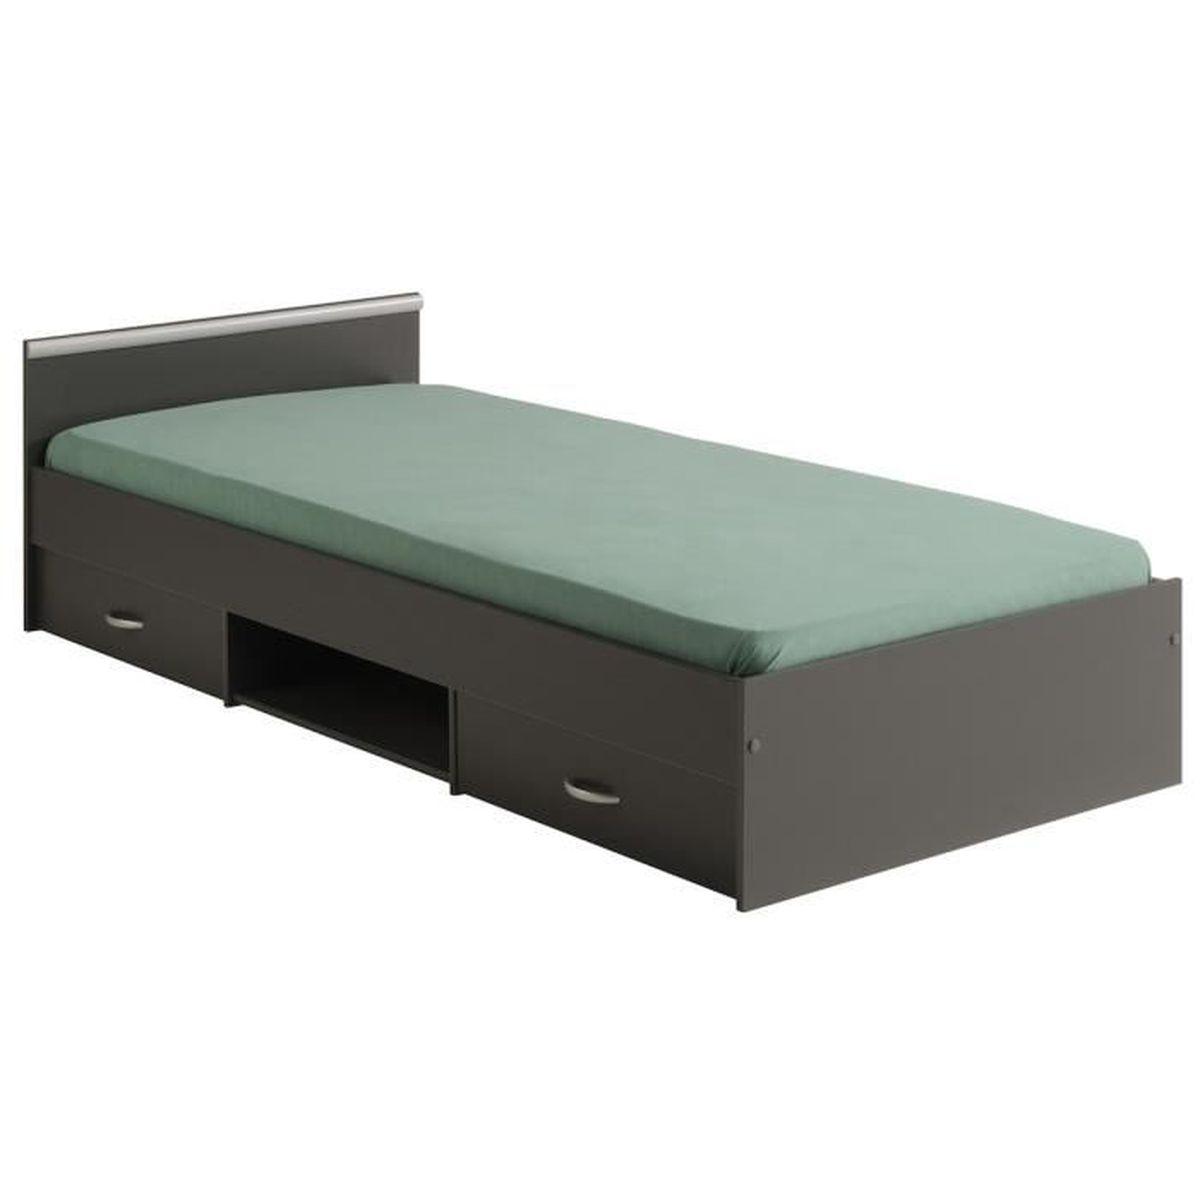 finest lit podium adulte indogatecom fauteuil de chambre a. Black Bedroom Furniture Sets. Home Design Ideas